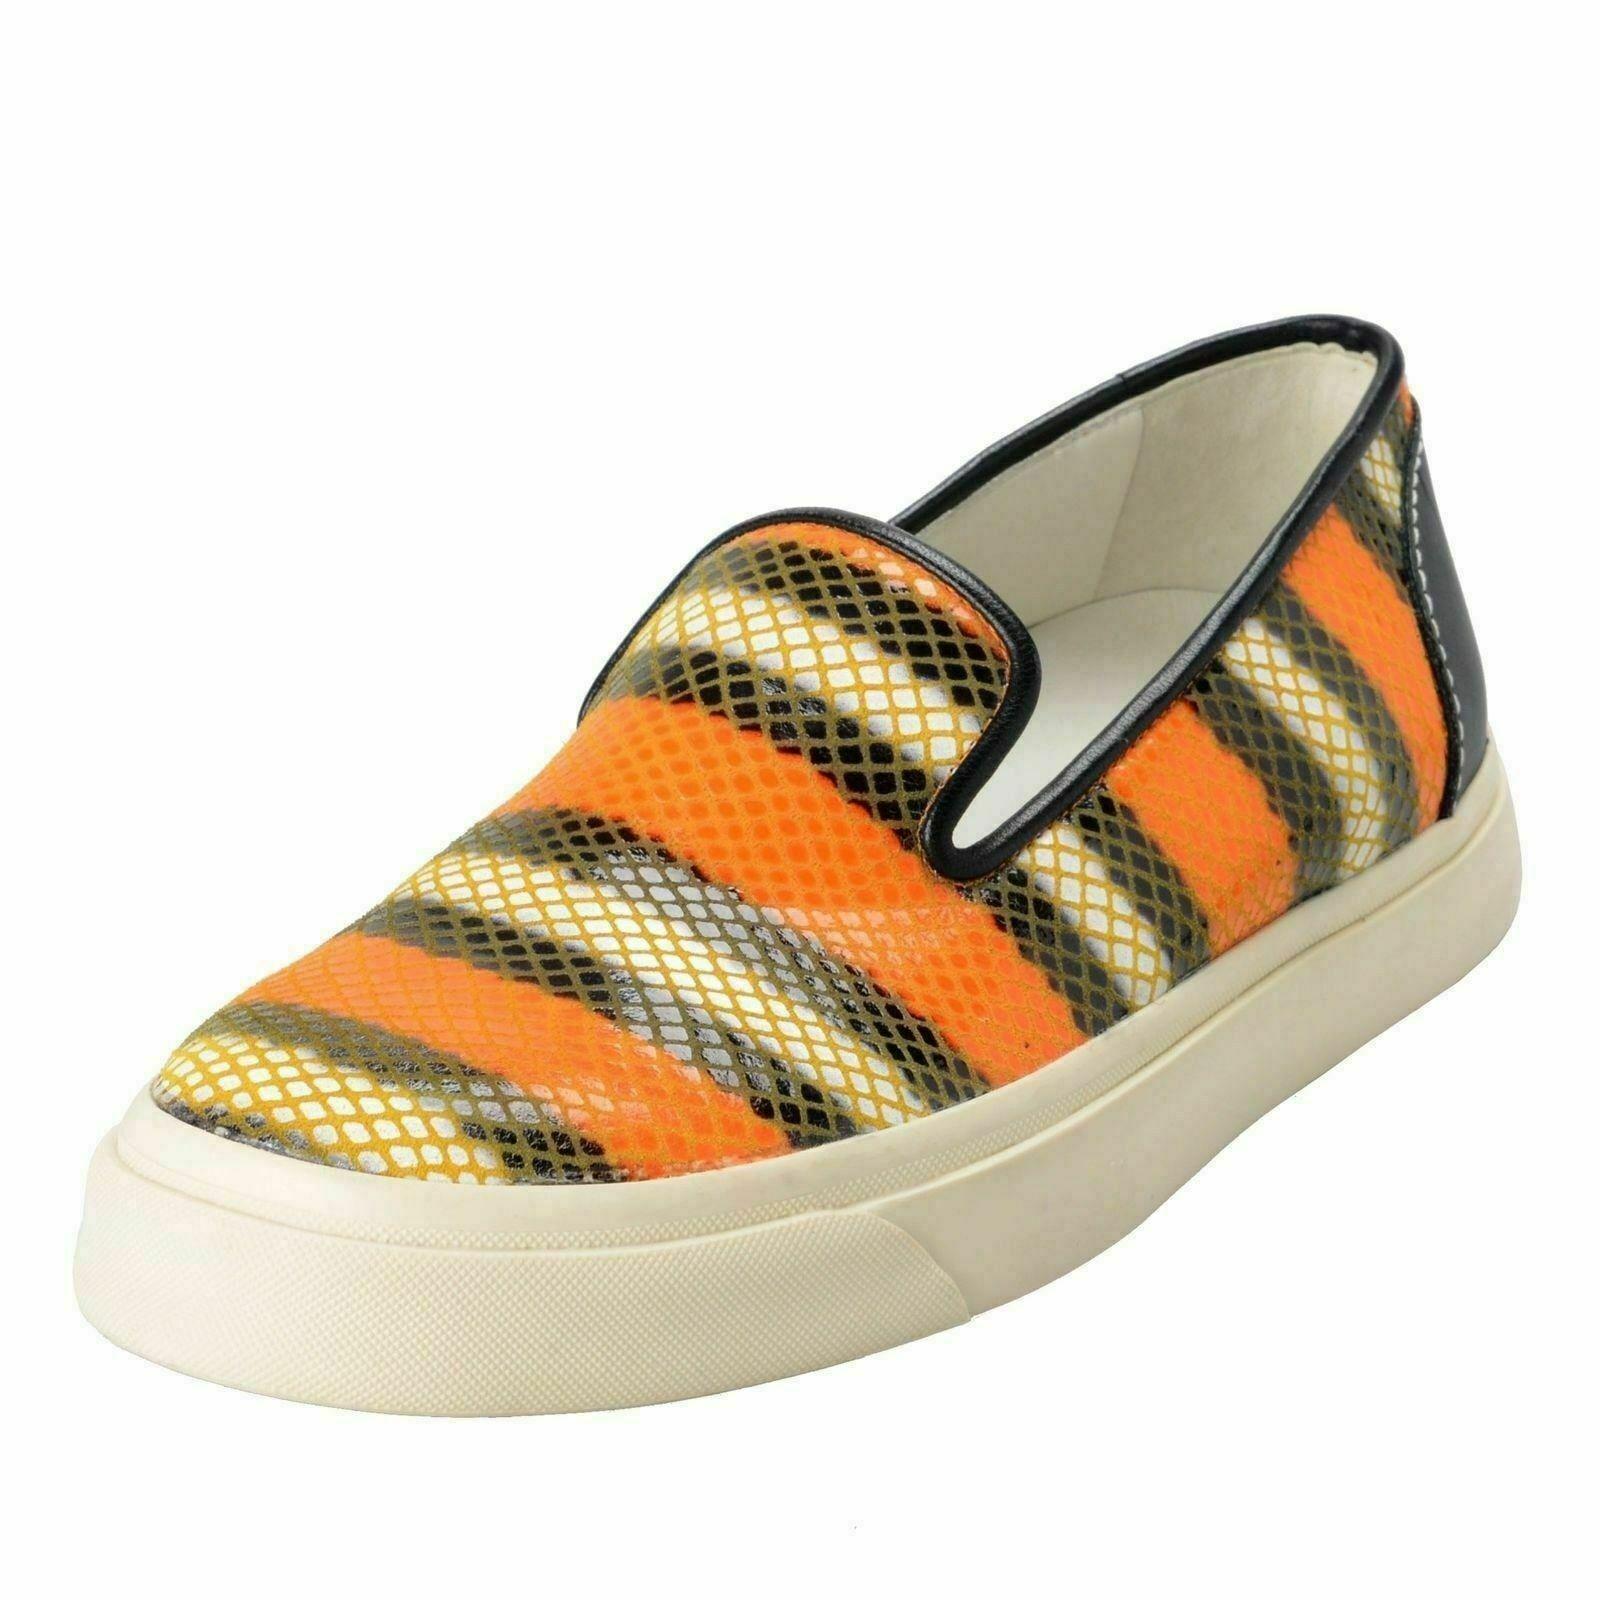 Giuseppe Zanotti Design Women's Snake Skin Slip On Loafers shoes US 6 IT 37